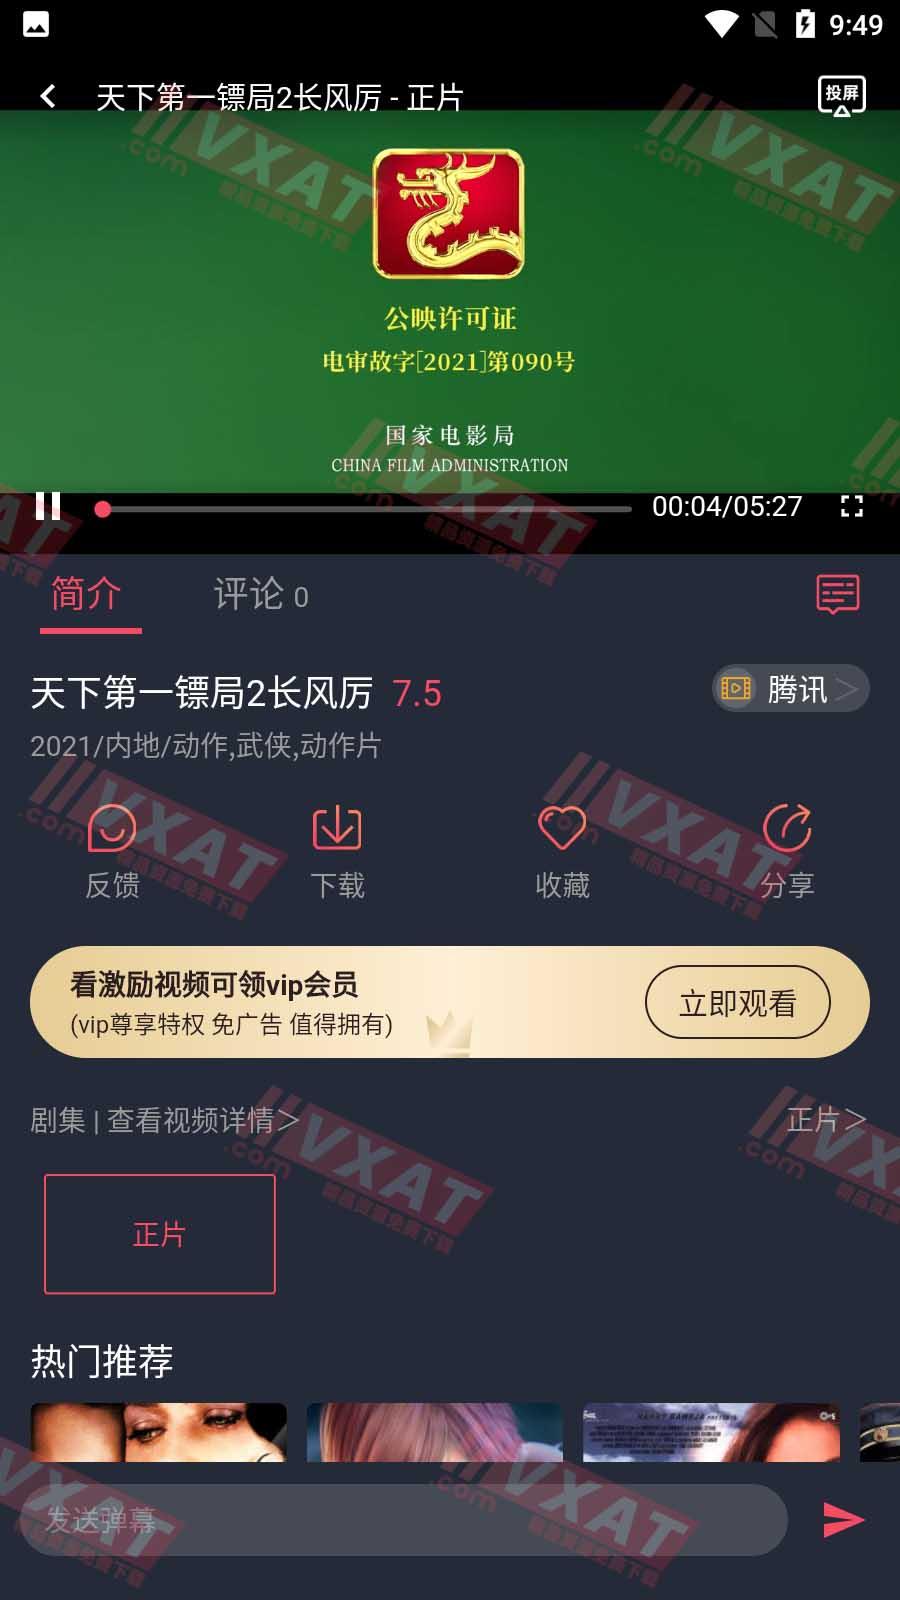 米来影视 v1.2.1.0 去广告安卓版 第2张